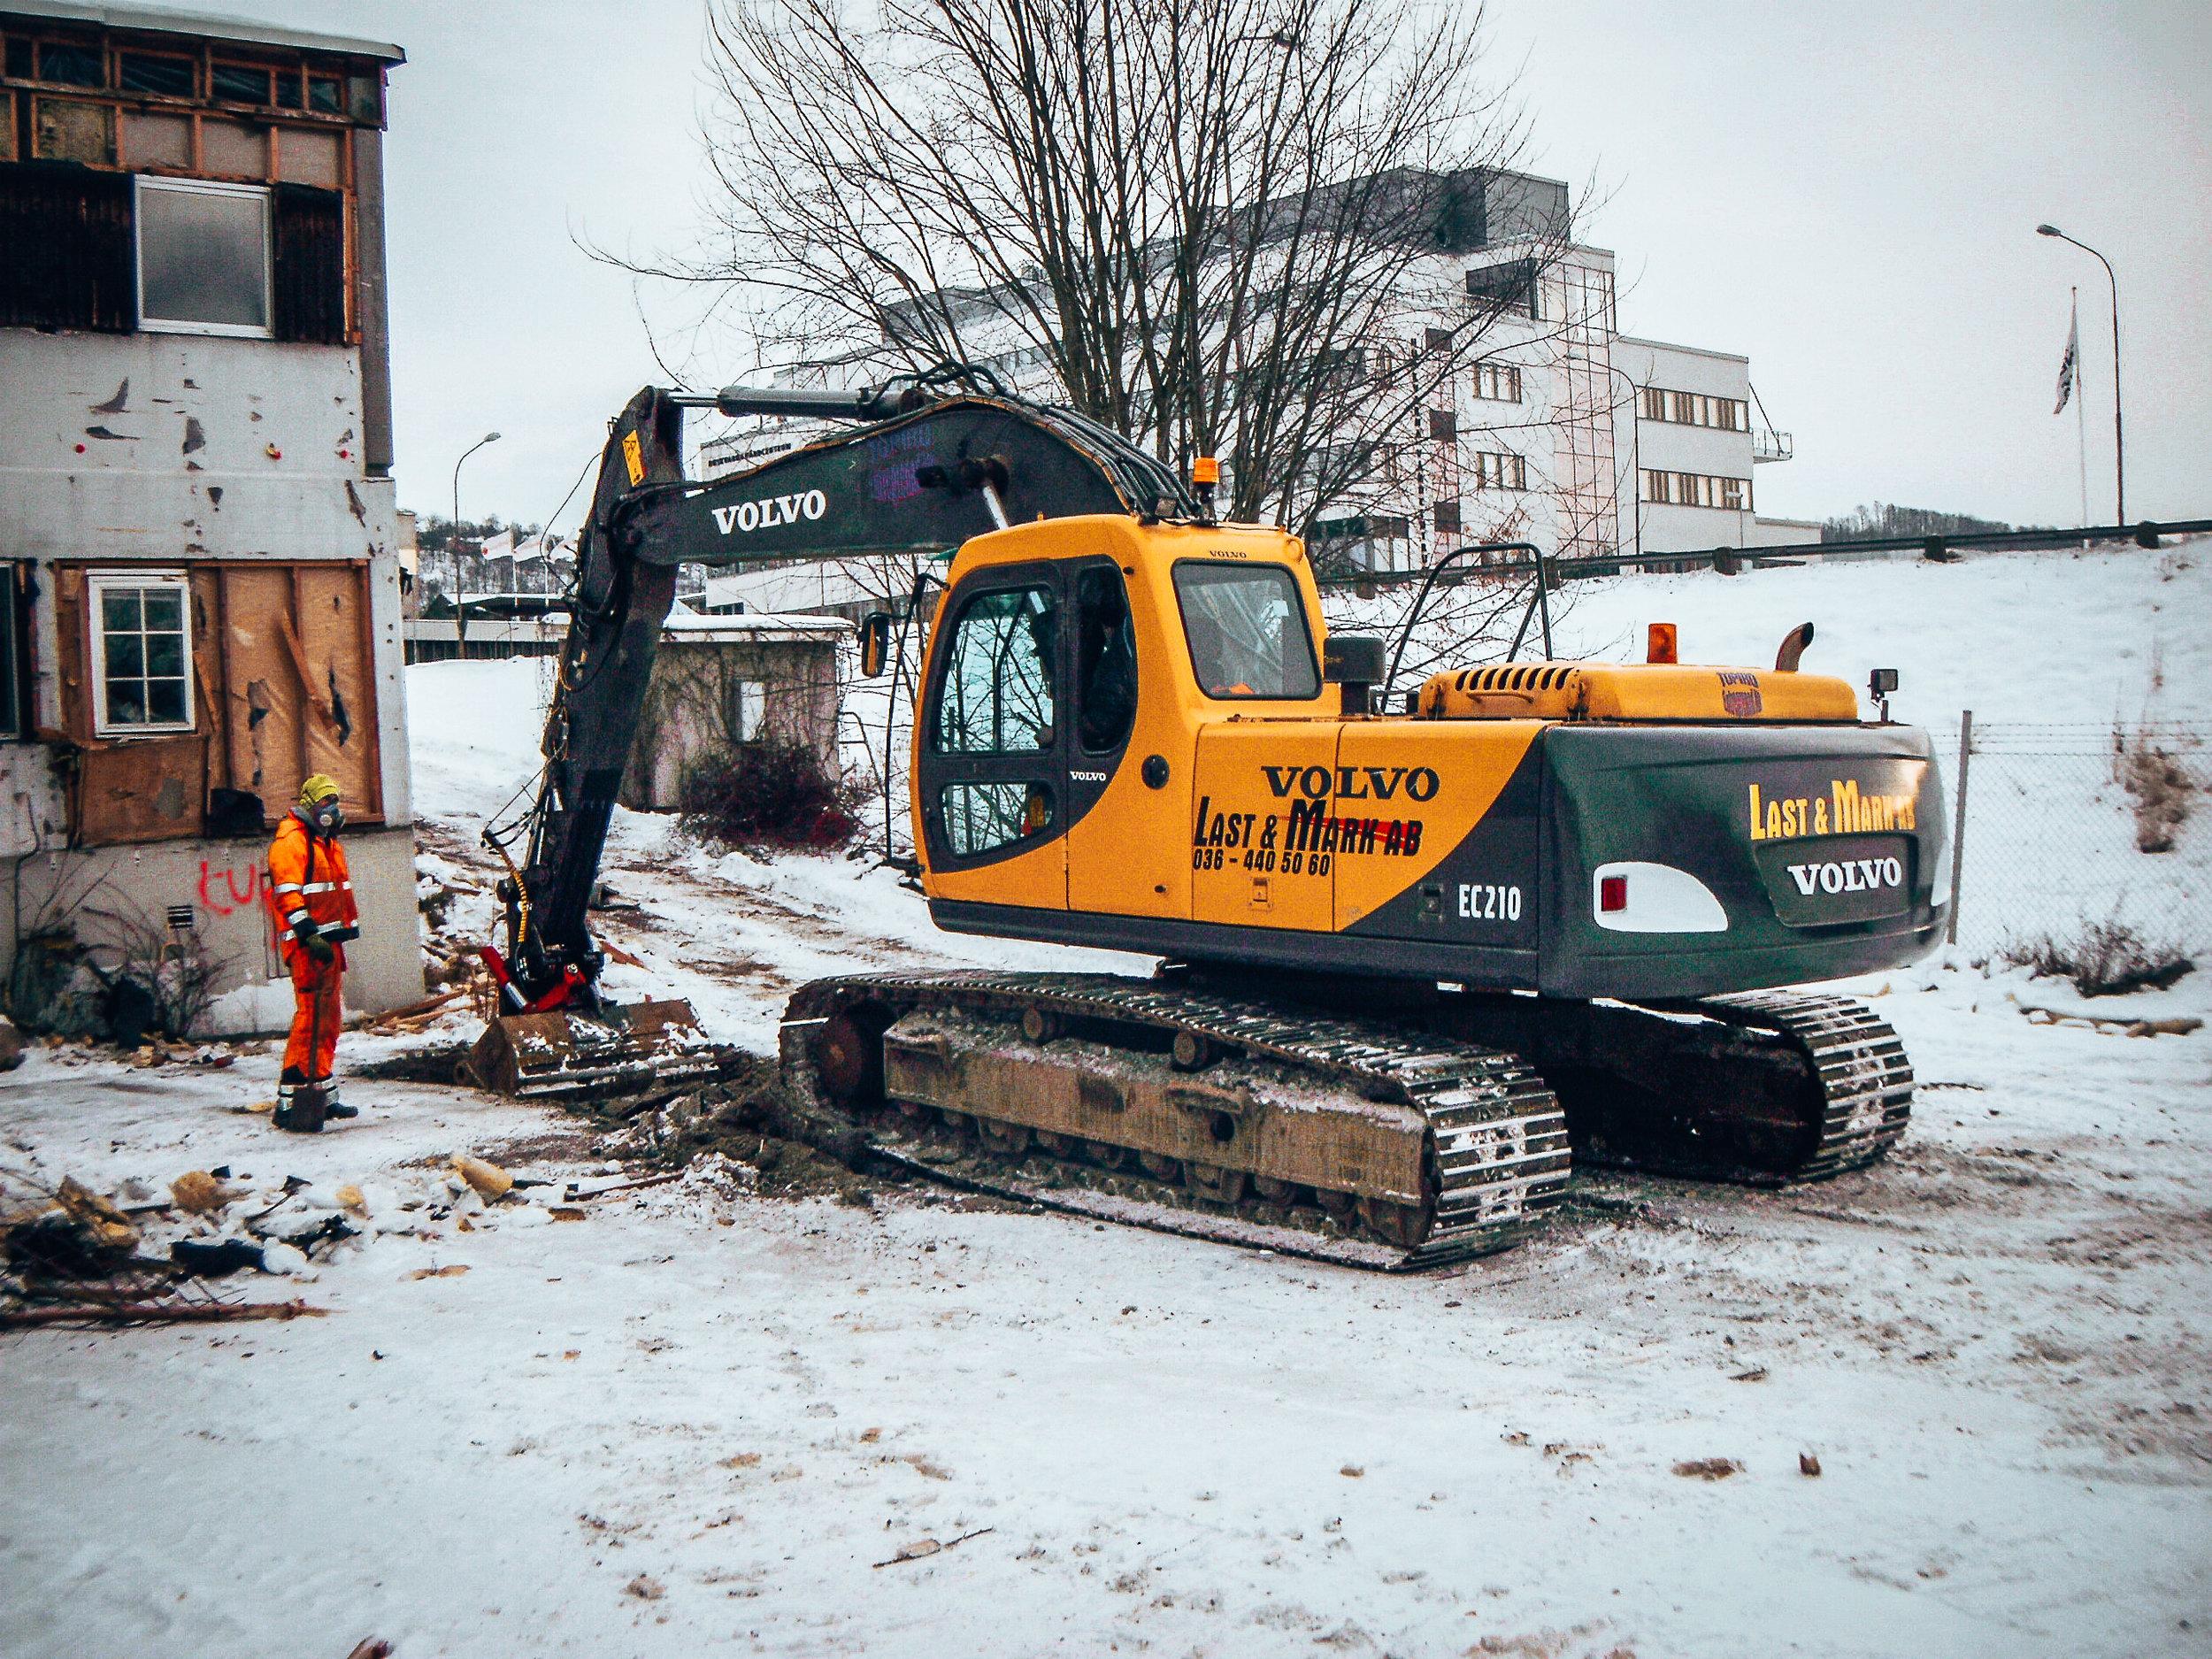 Last o Mark - … startade 1998 av Peter o Annette Juhlin. Företaget är ett transport och maskinuthyrningsföretag. I fordonsflottan finns maskiner bestående av hjullastare och grävmaskiner från 1 till 30 ton. Last o Mark har även ett antal lastbilar för transport av grus och schakt samt kranbilar och lastväxlare som är lämpliga i anläggningsbranschen. Företaget jobbar sedan 15 år tillbaka mycket med återvinning av bland annat asfalt och betong. Även jord och grus återvinns i ganska stor omfattning och sorterad anläggningsjord samt planteringsjord finns till försäljning. Vi har även en bergtäkt på Torsvik utanför Jönköping där tar vi fram grus i olika fraktioner.